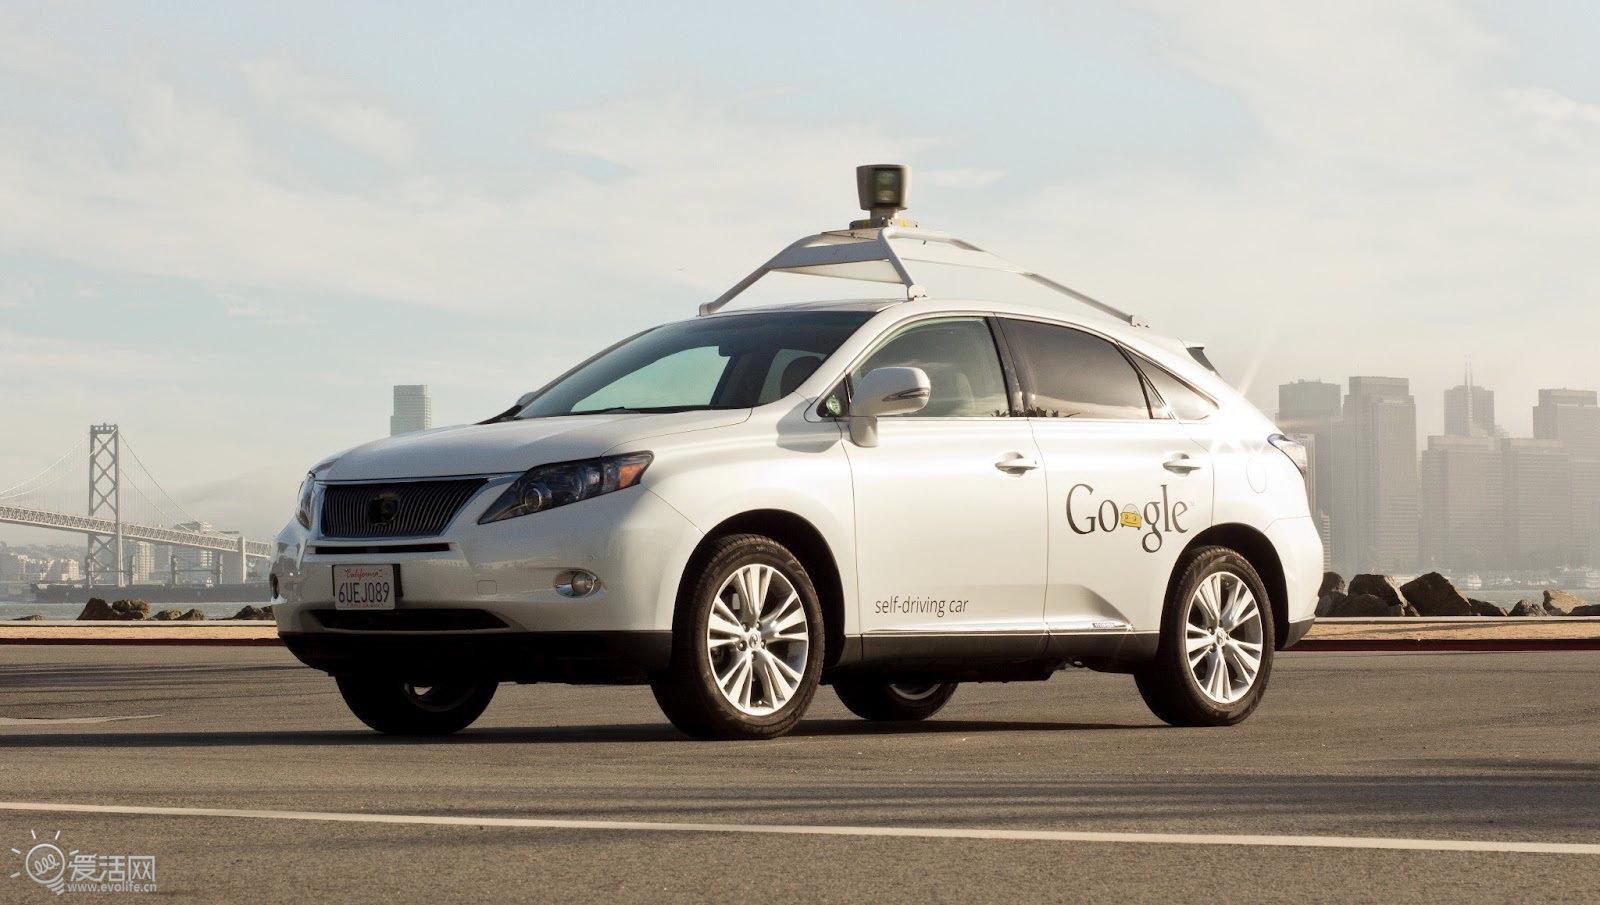 google无人驾驶汽车图片大全高清图片